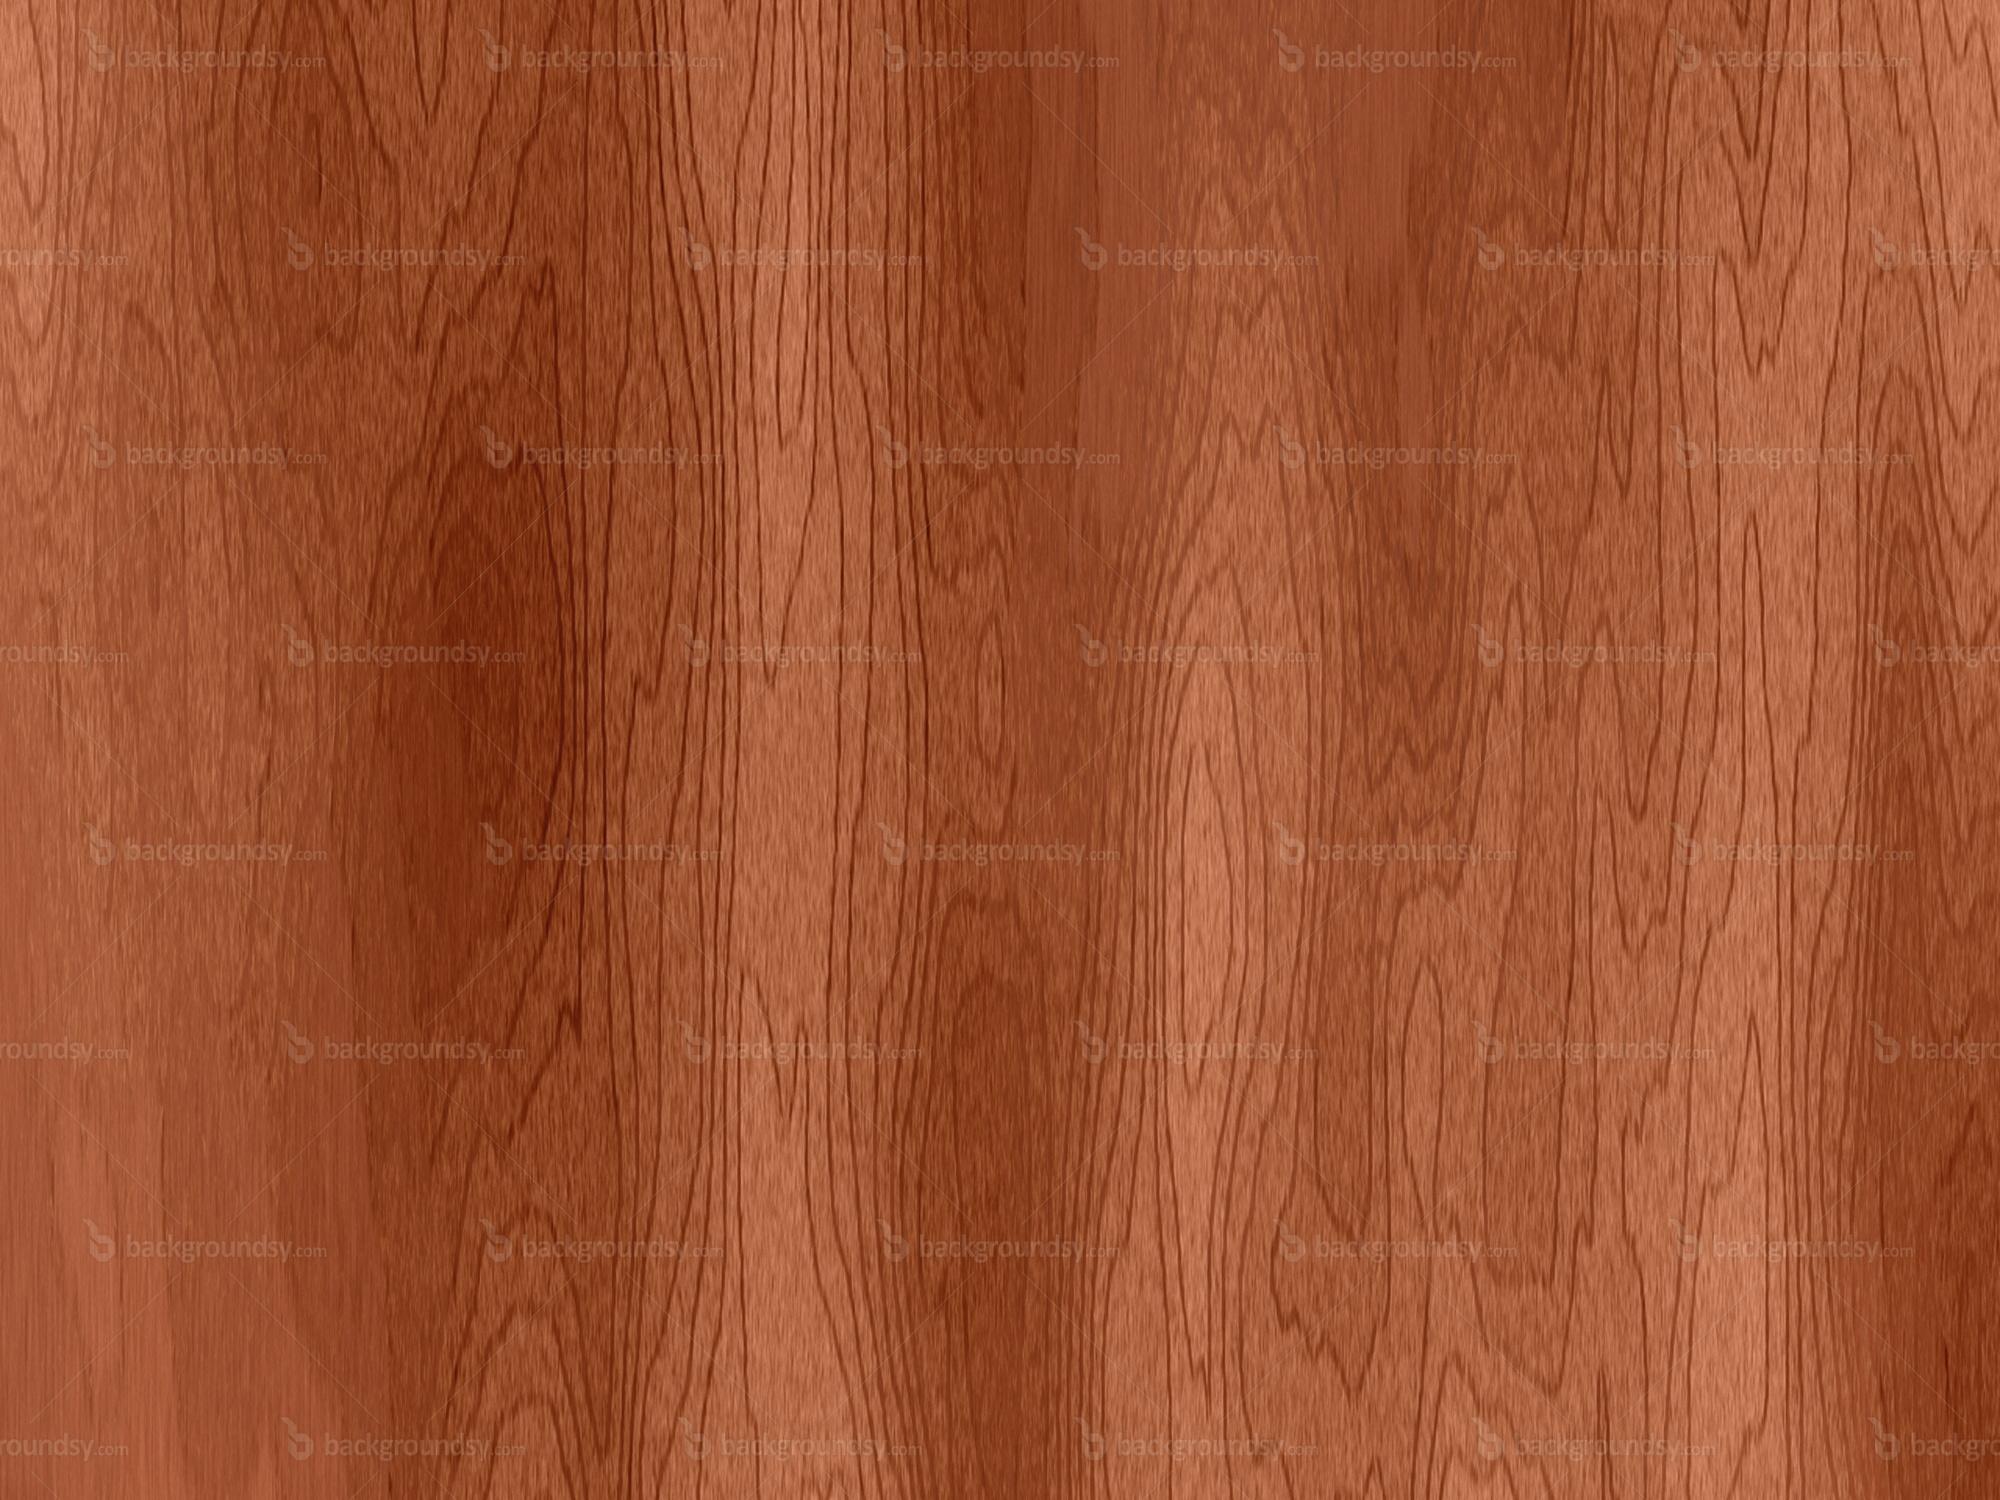 wood background large